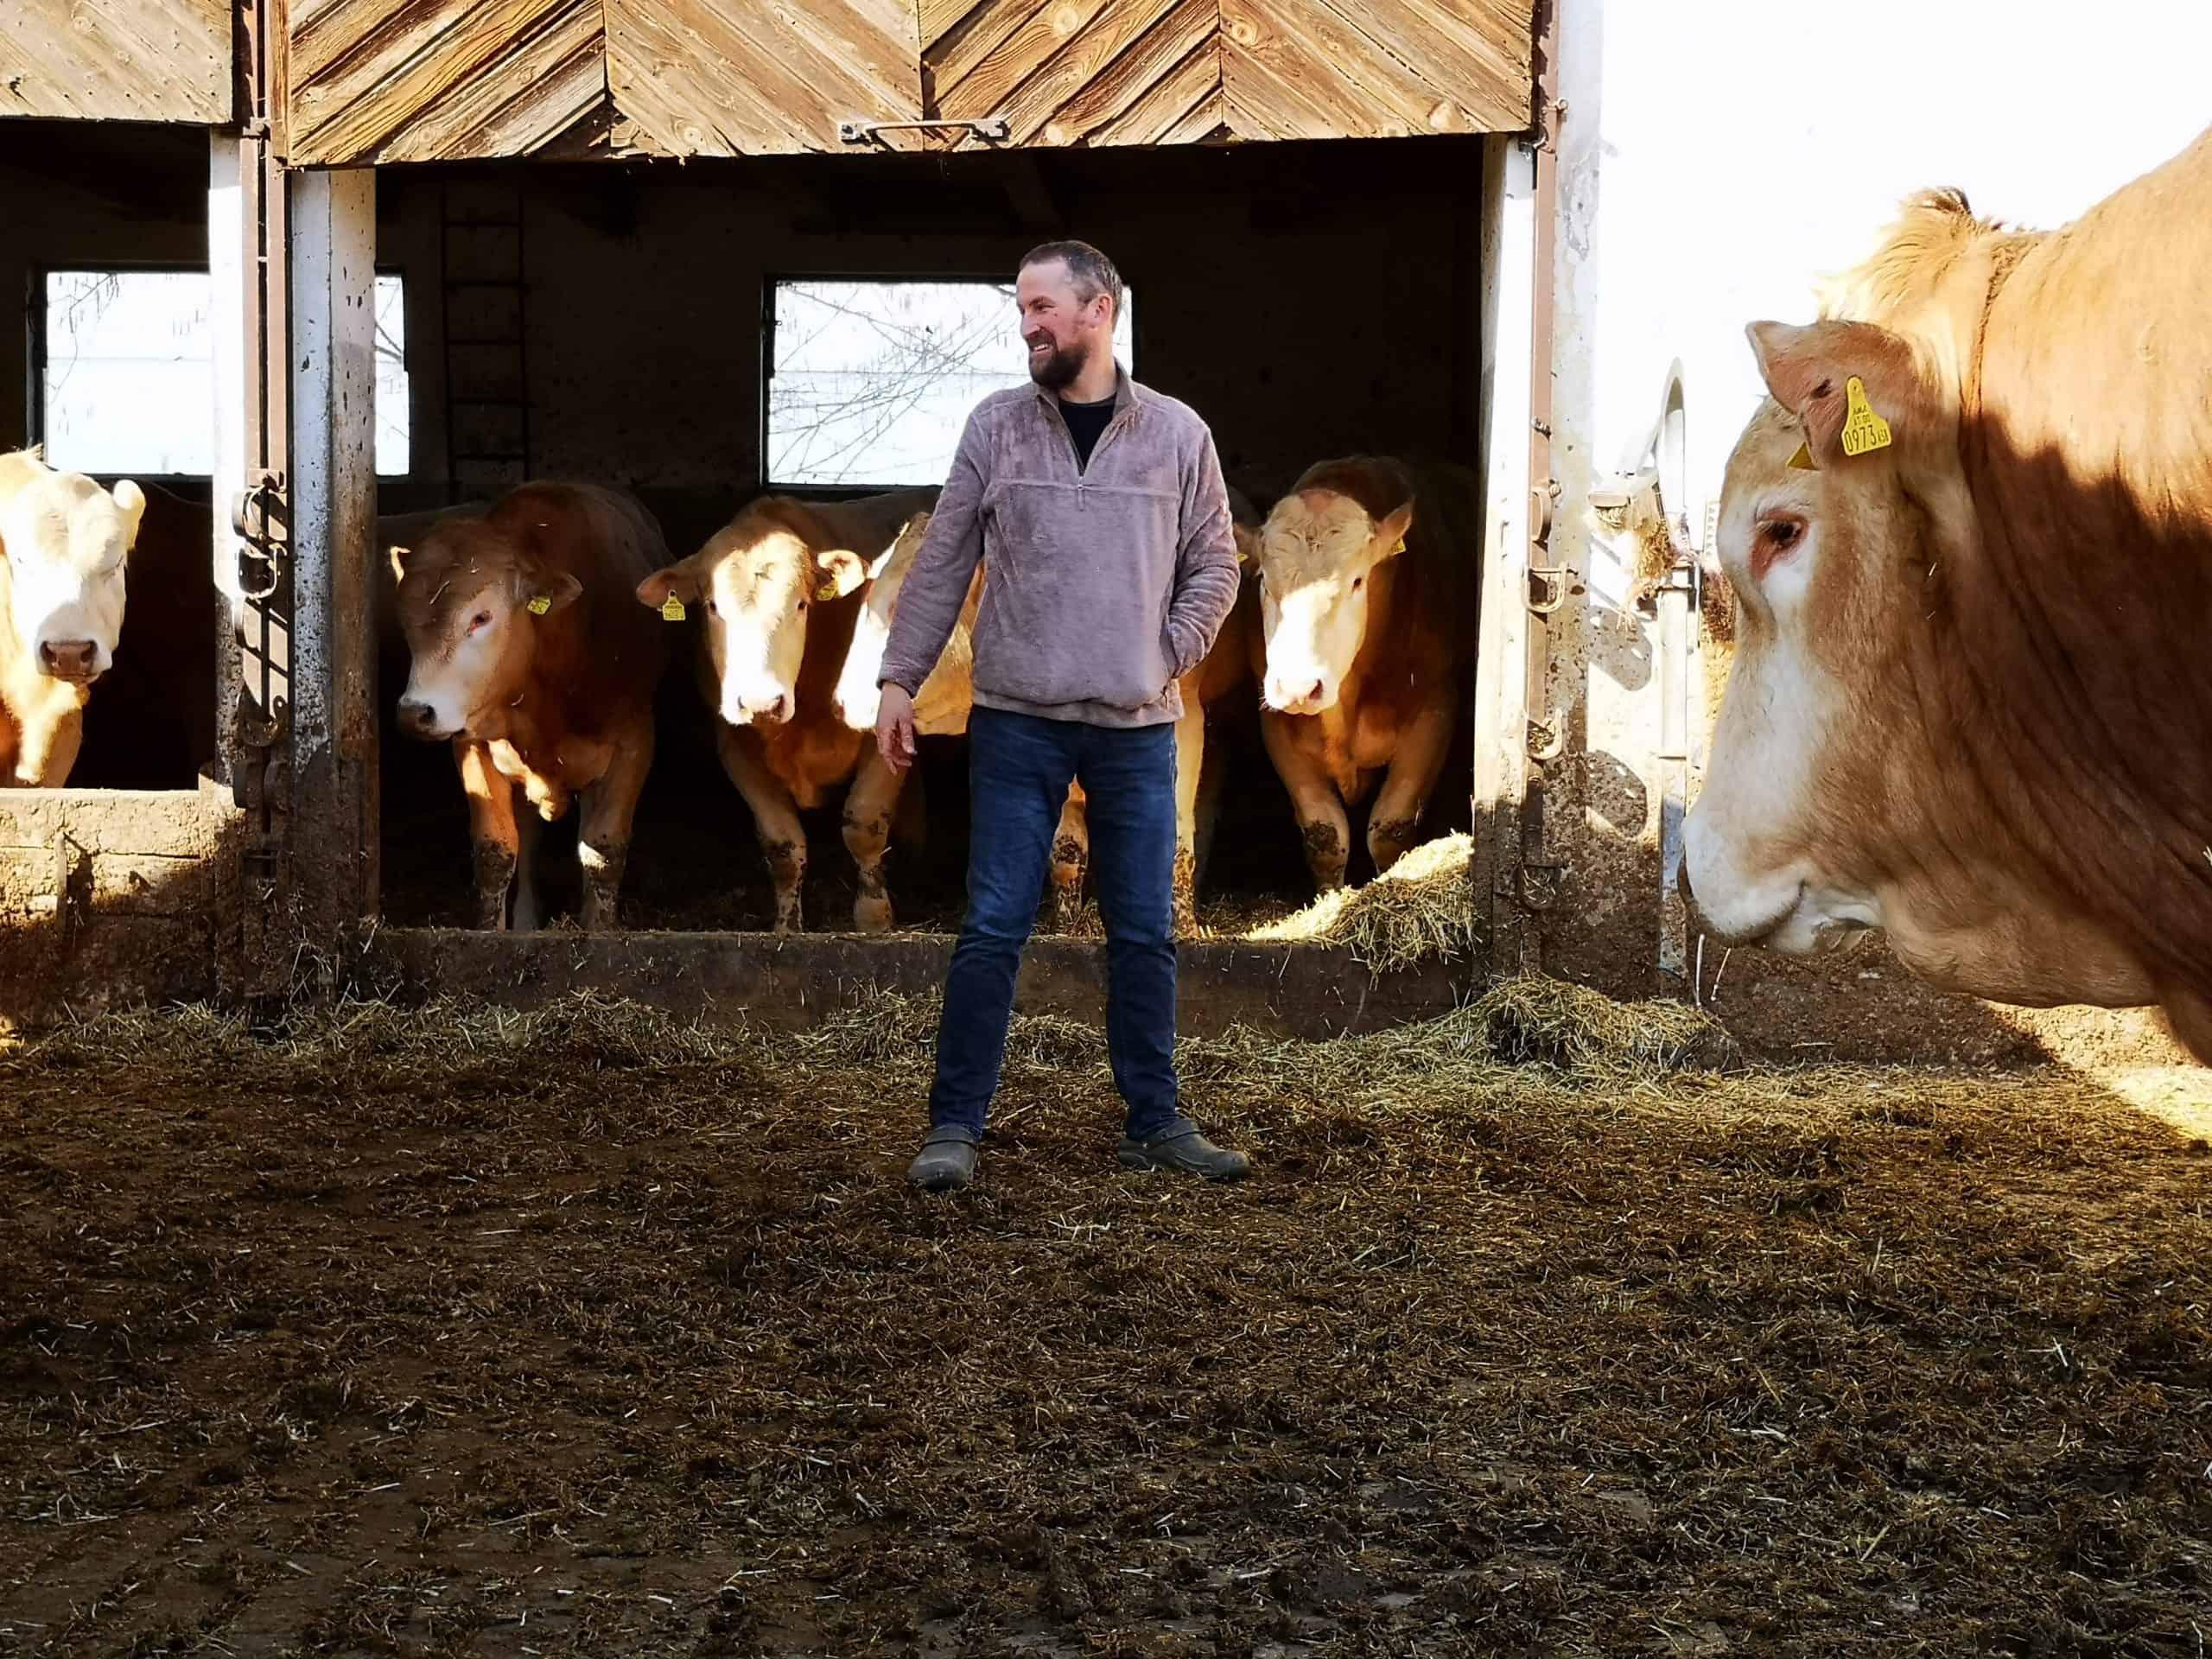 Foto - B2P029 Georg Doppler - Von blonden Rindern, Direktvermarktung und Sozialen Medien